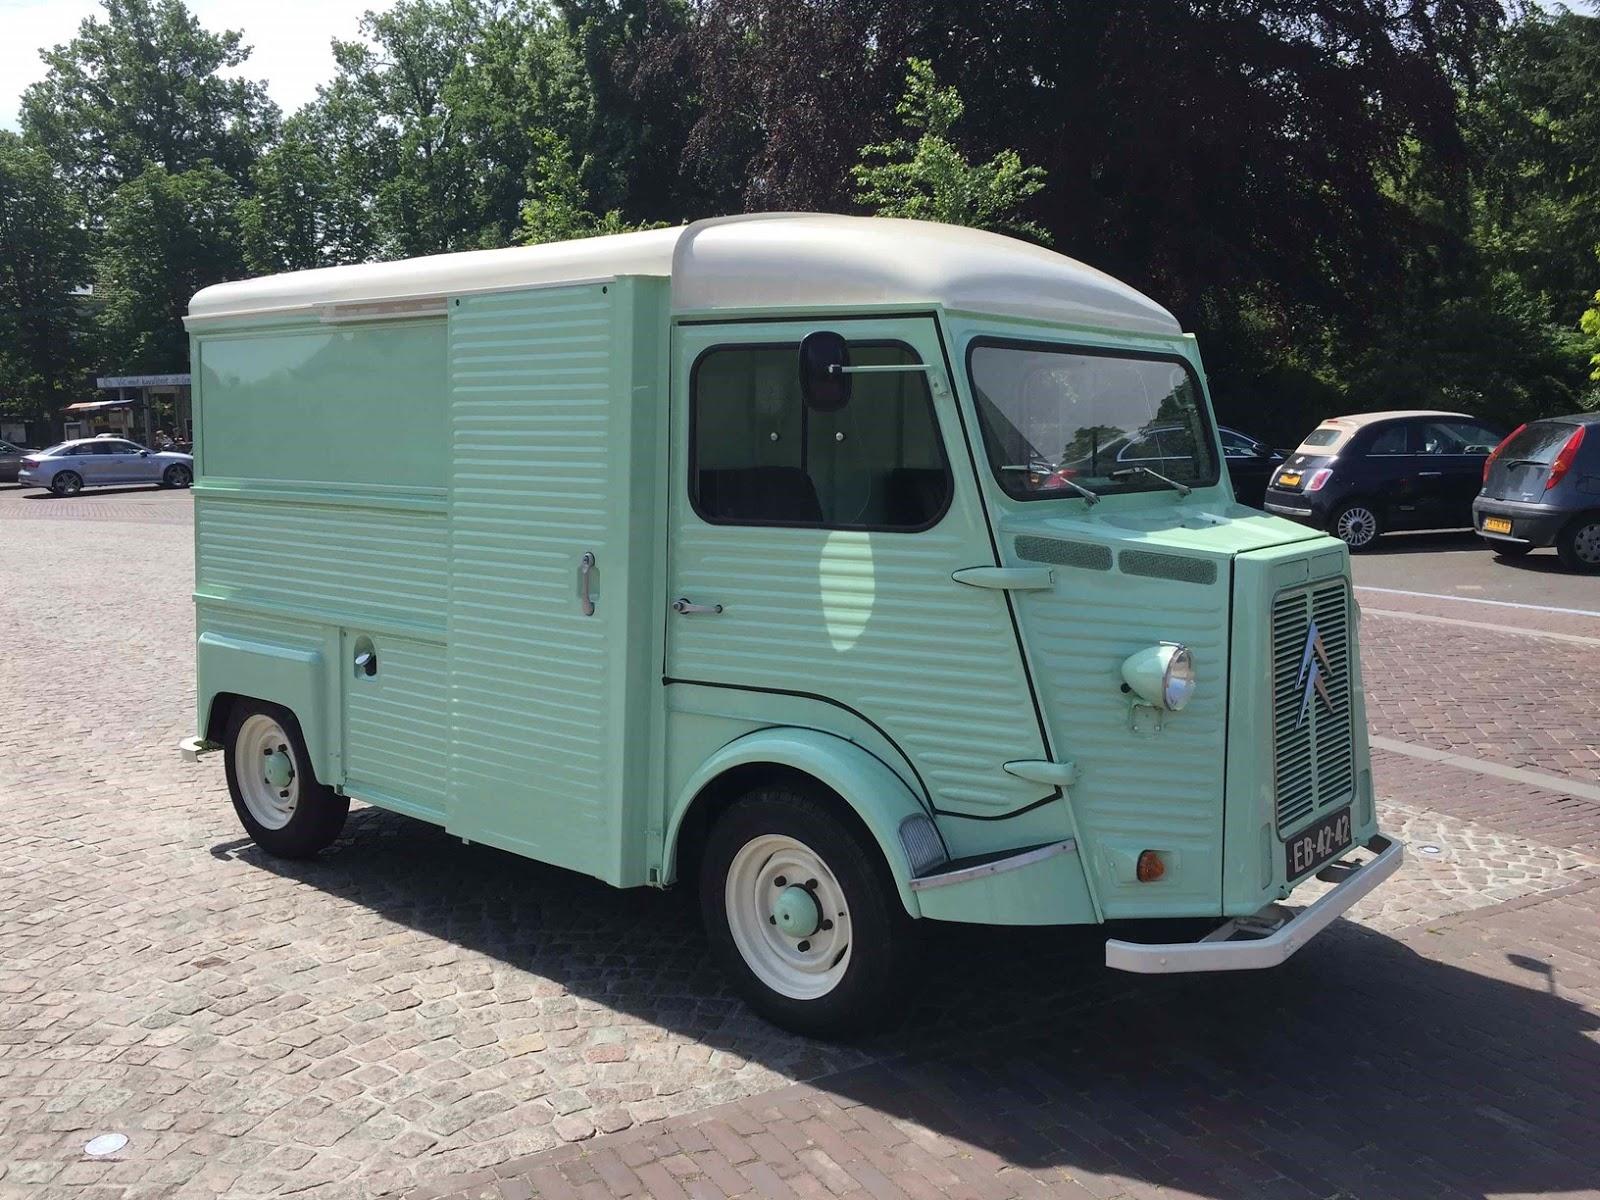 Verbazingwekkend Italian Food Trucks - Mobiele Catering Concepten met een Italiaans TJ-32